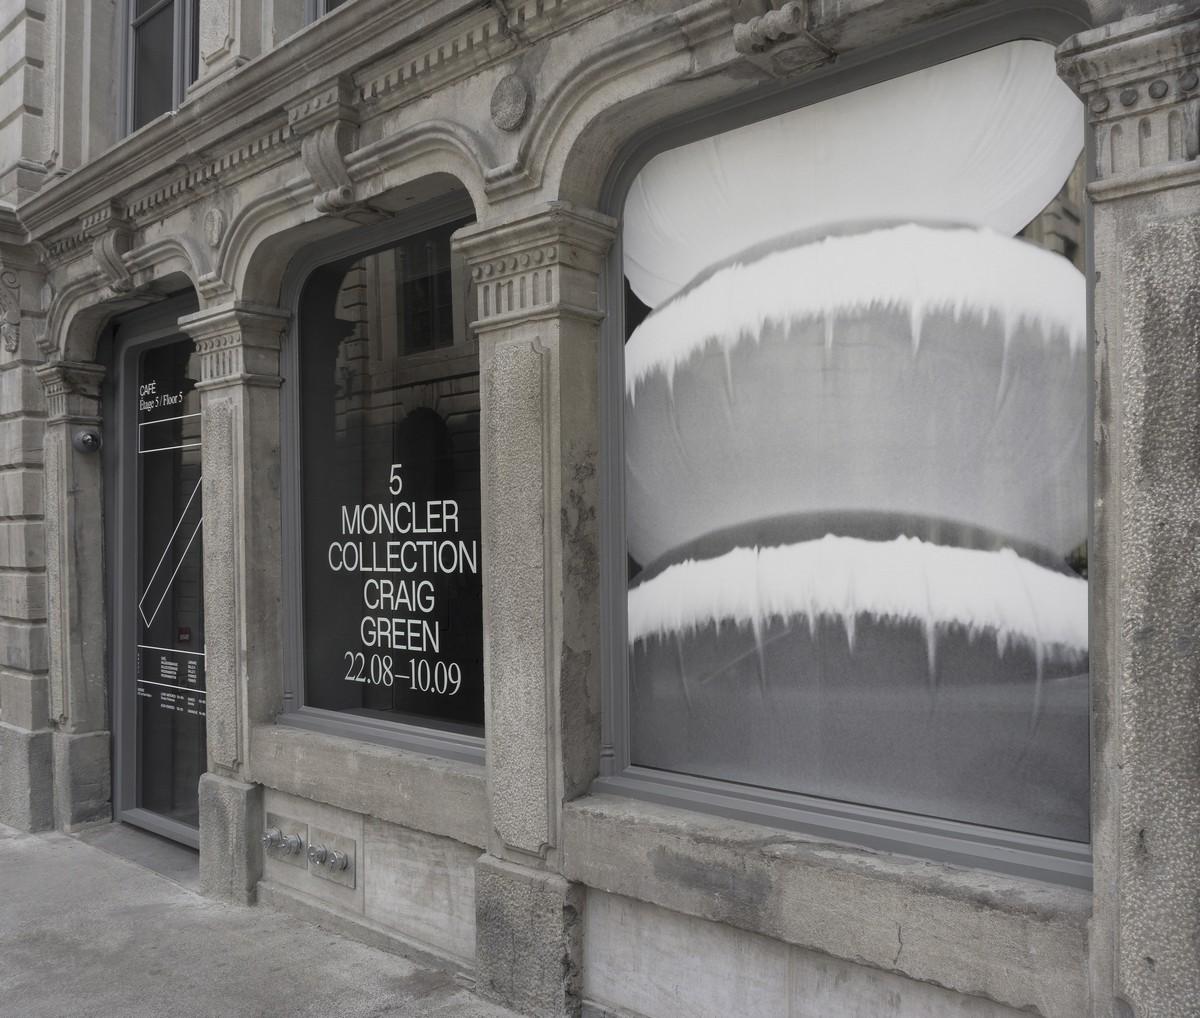 Moncler Craig Green autunno inverno 2018 2019